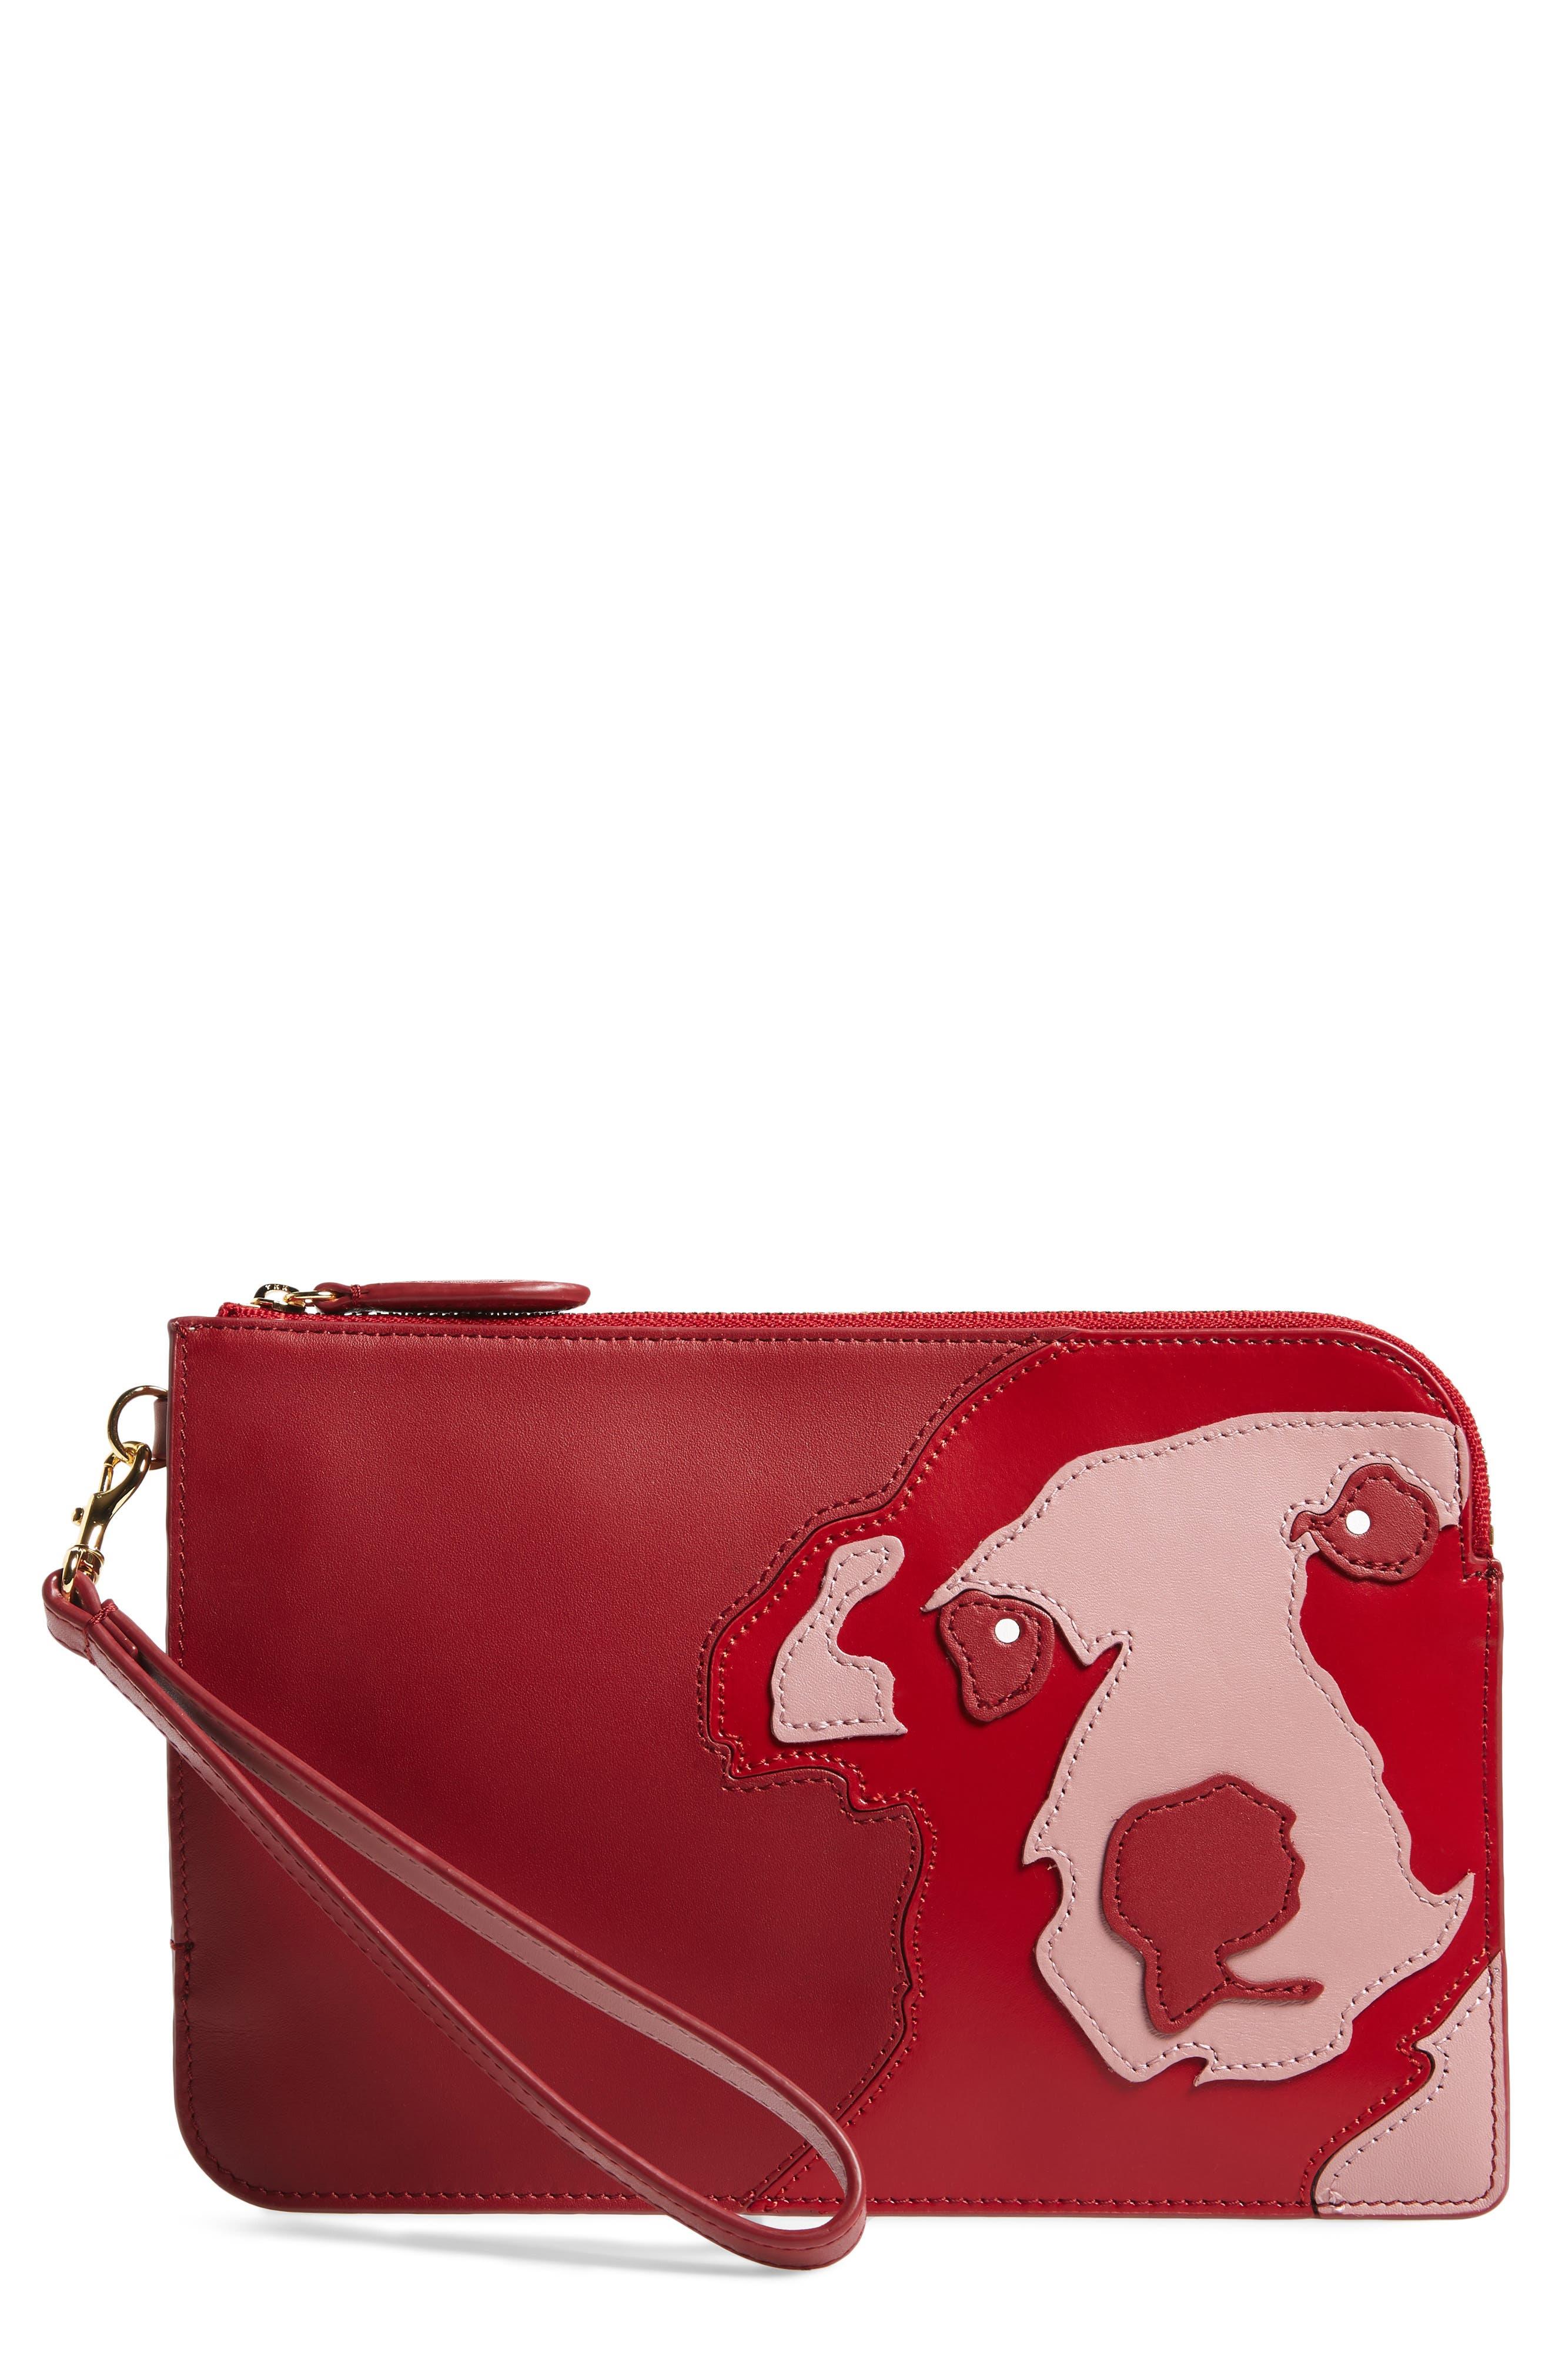 Diane von Furstenberg Medium Leather Zip Pouch